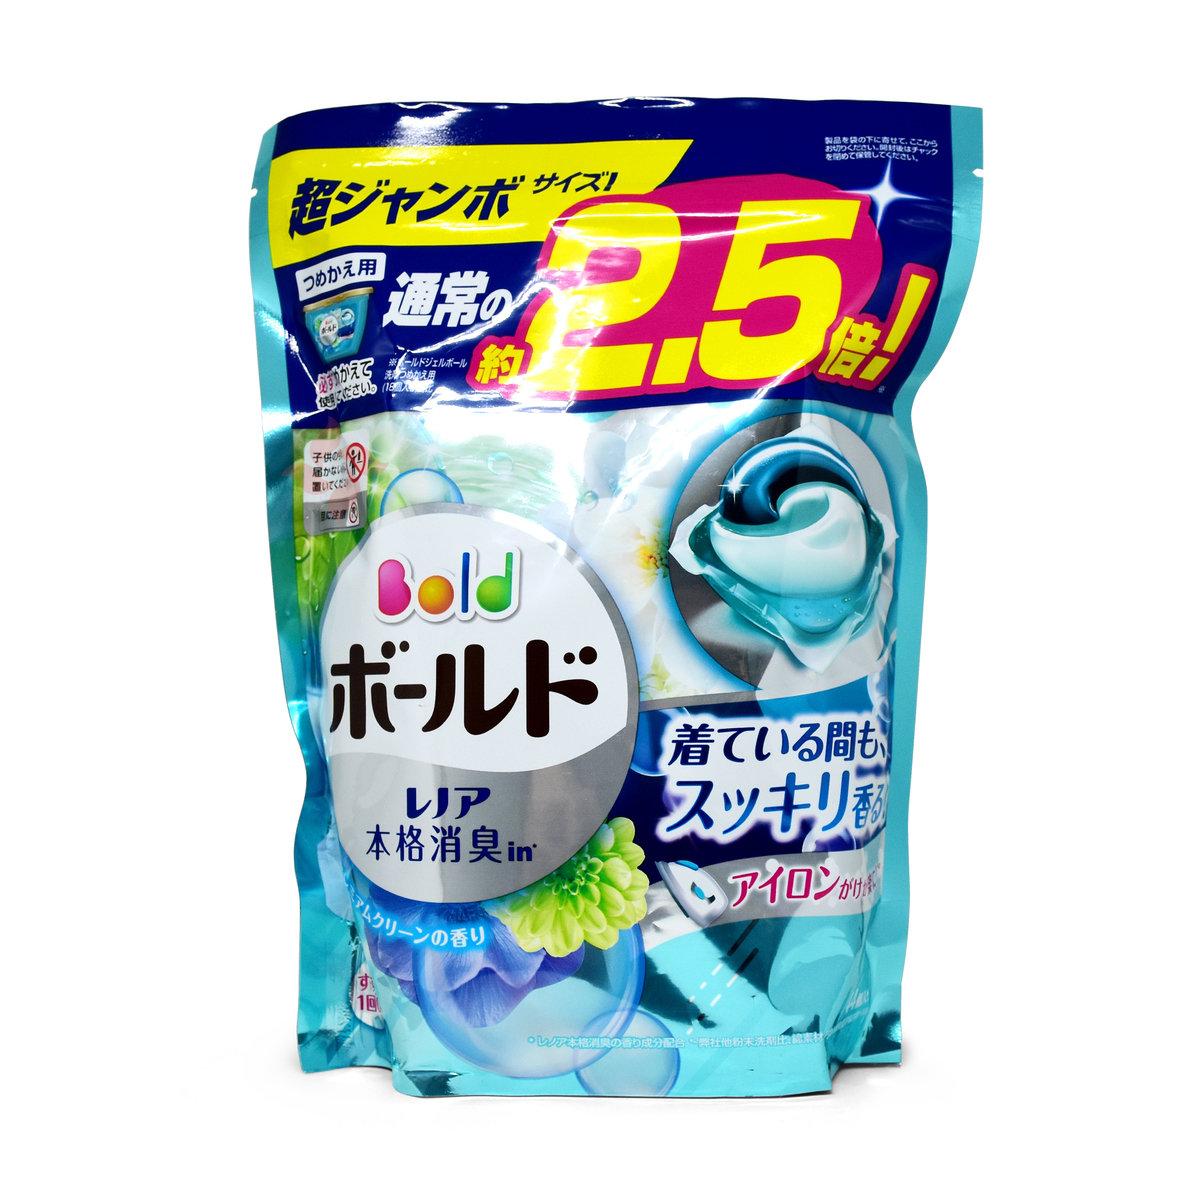 Ariel Power Gel Ball 3D Refill (BLUE) x44pcs (4902430690539)